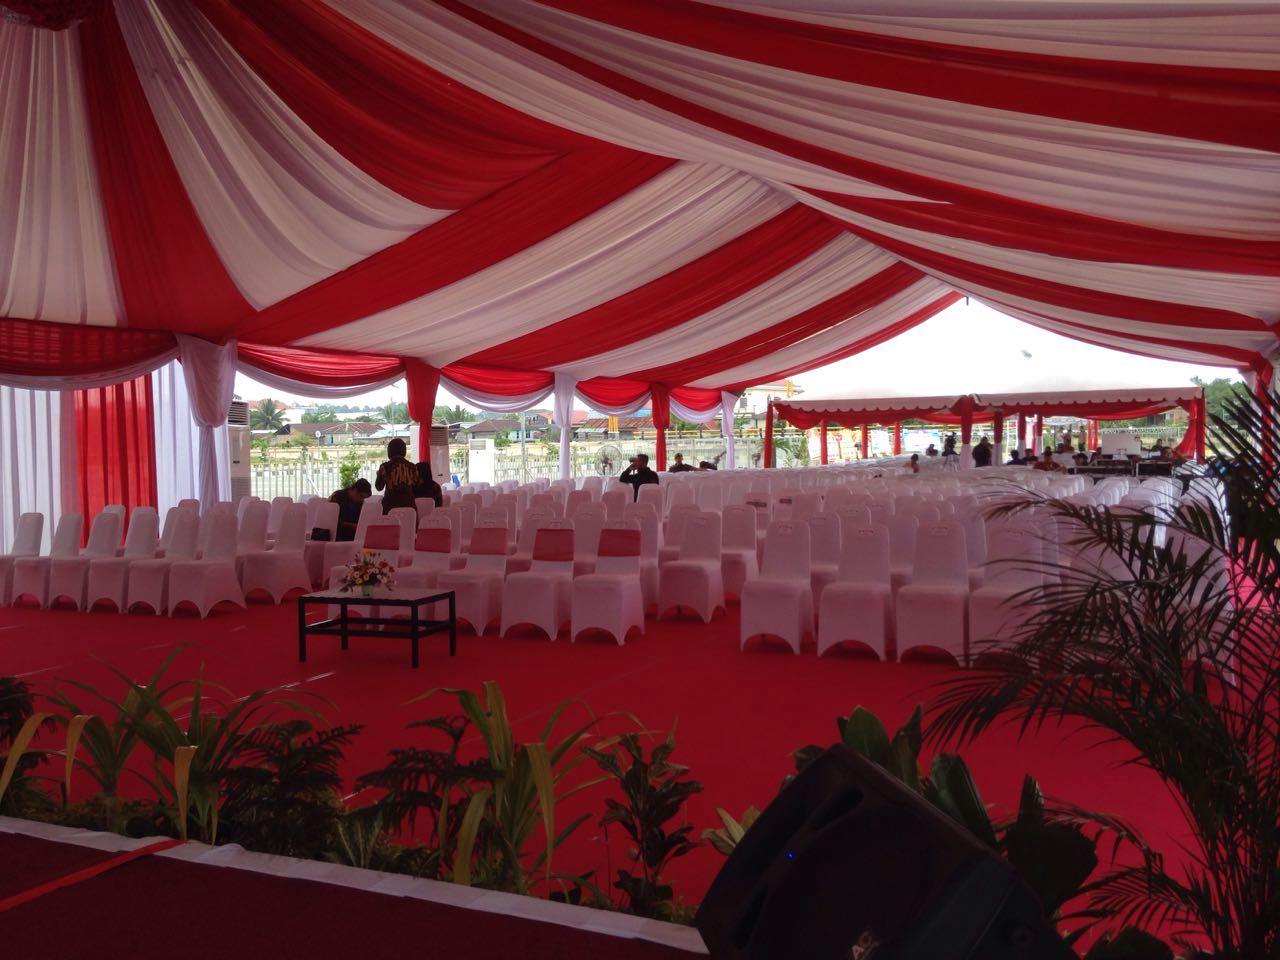 Lima kursi ditengah yang ditandai dengan balutan kain warna merah menjadi tempat duduk Presiden Jokowi bersama Ibu Negara Iriana Jokowi.